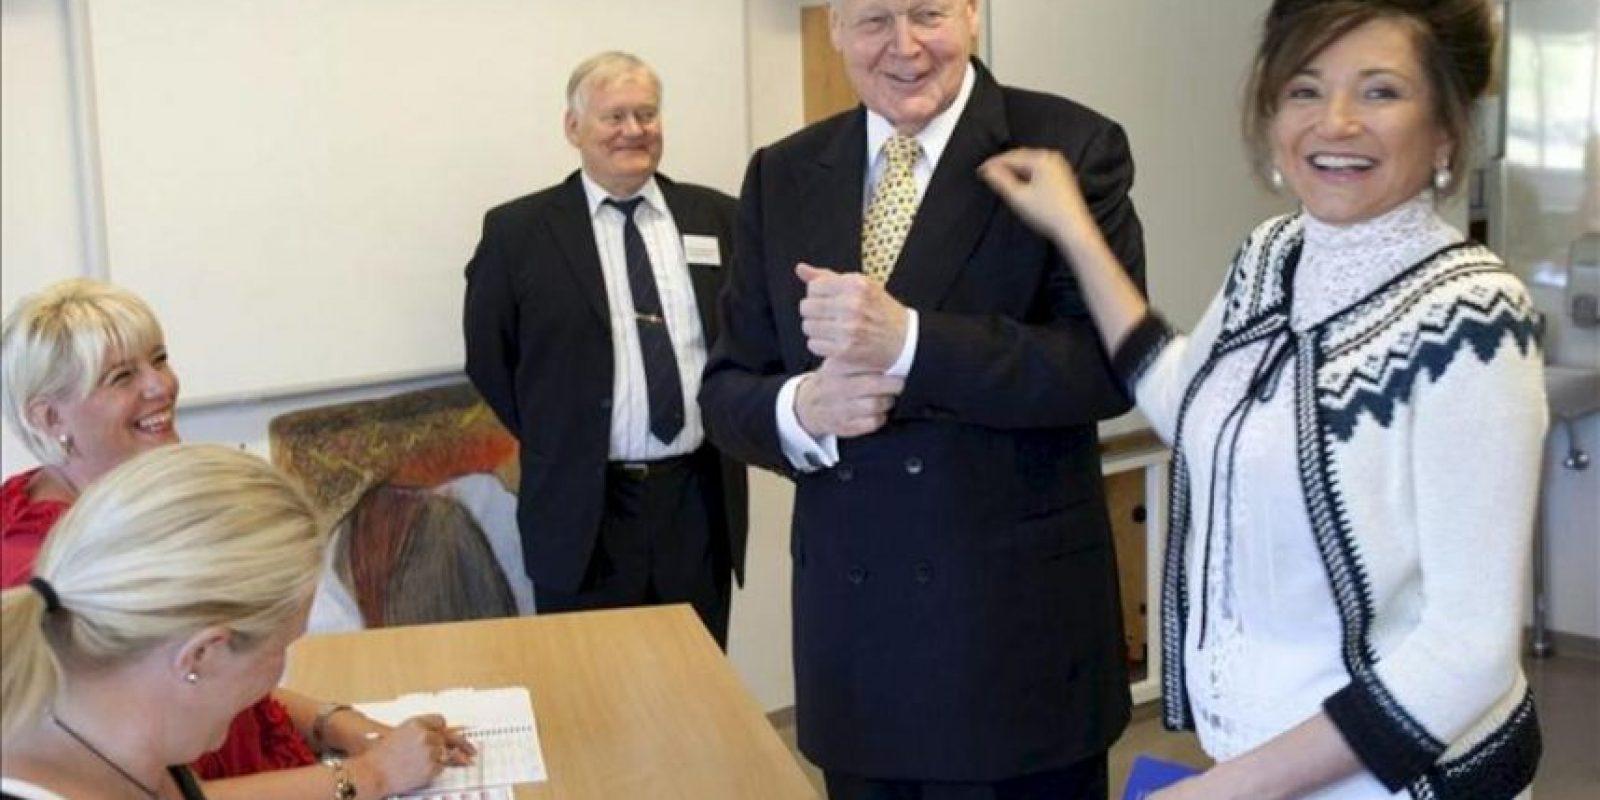 Ólafur Ragnar Grímsson (i), claro favorito los comicios presidenciales en Islandia, que de ganar lograría su quinto mandato, vota junto a su esposa DorritMoussaief (d), en un colegio electoral en Reykjavik (Islandia), hoy. EFE